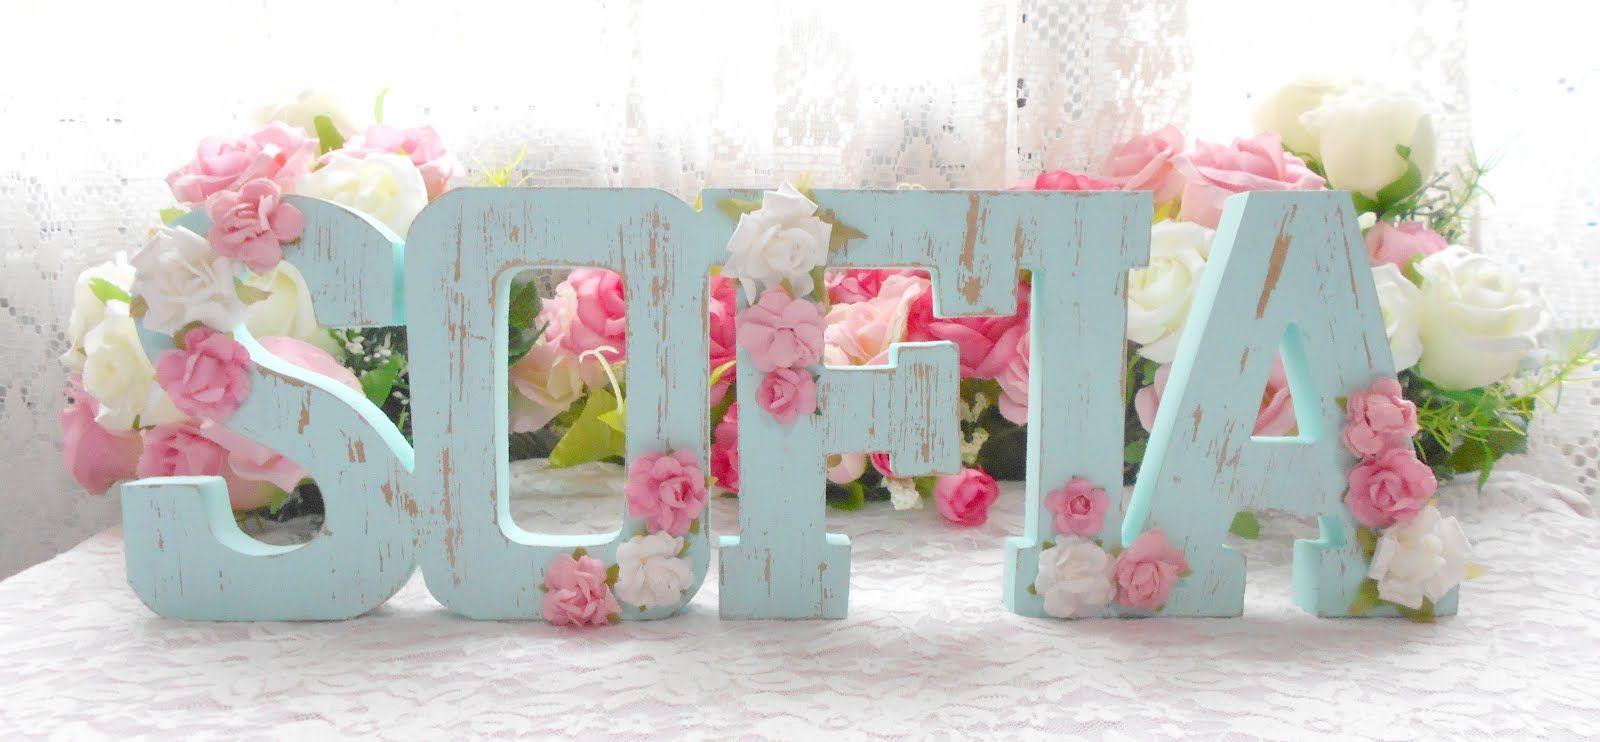 Nombres letras decoradas shabby chic candy hasta 5 letras 475 00 fiesta isabella - Letras bebe decoracion ...